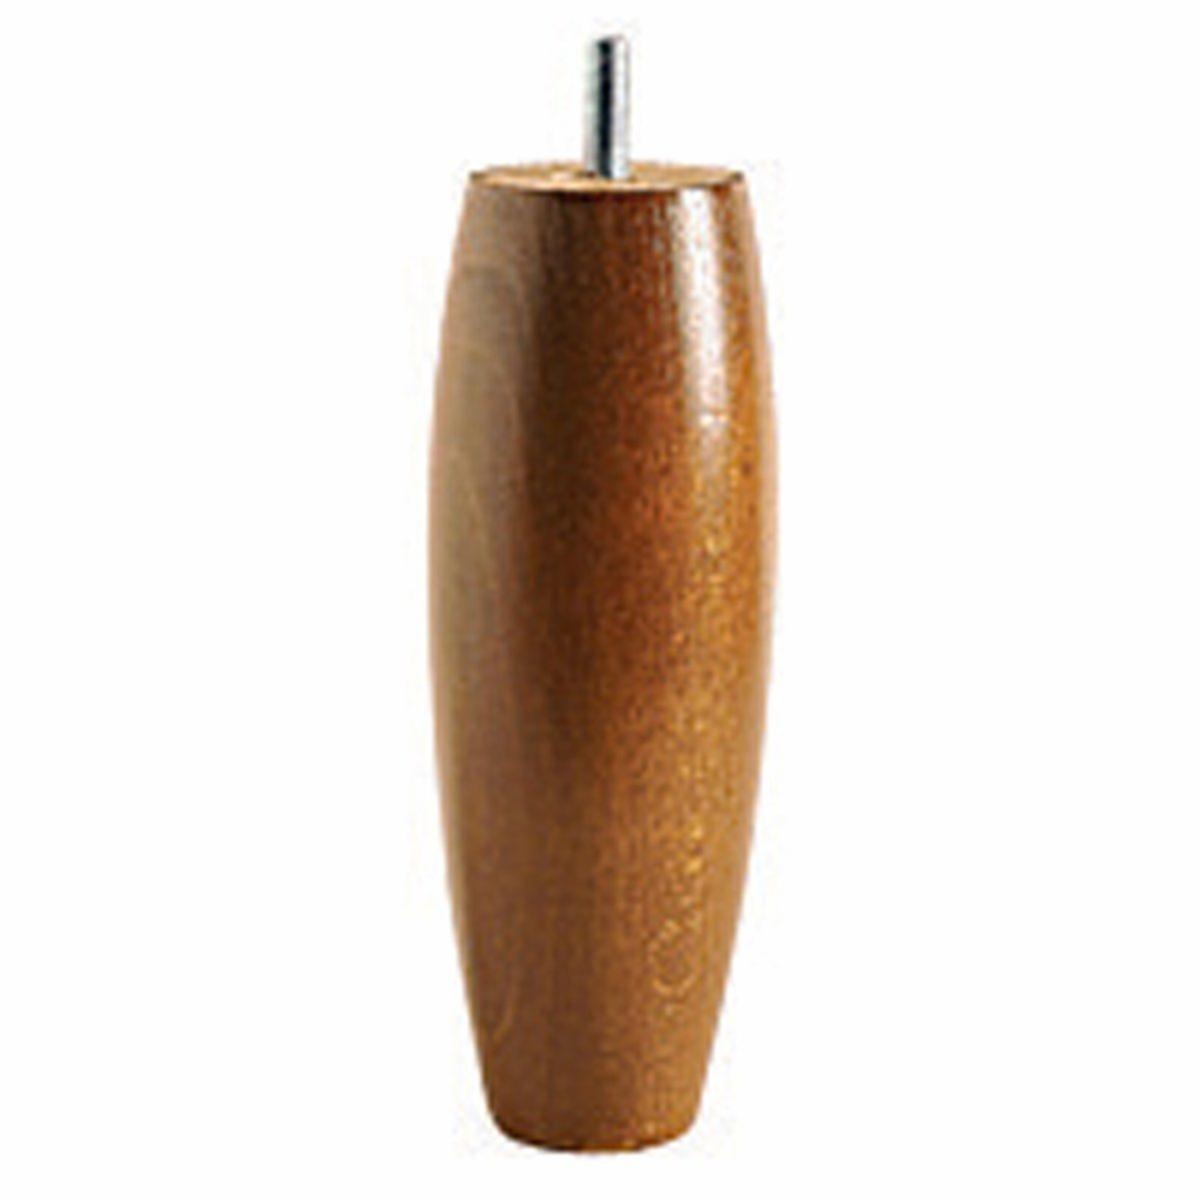 Комплект из 4 ножек в LaRedoute Форме оливы для кроватного основания единый размер каштановый основания для кроватей